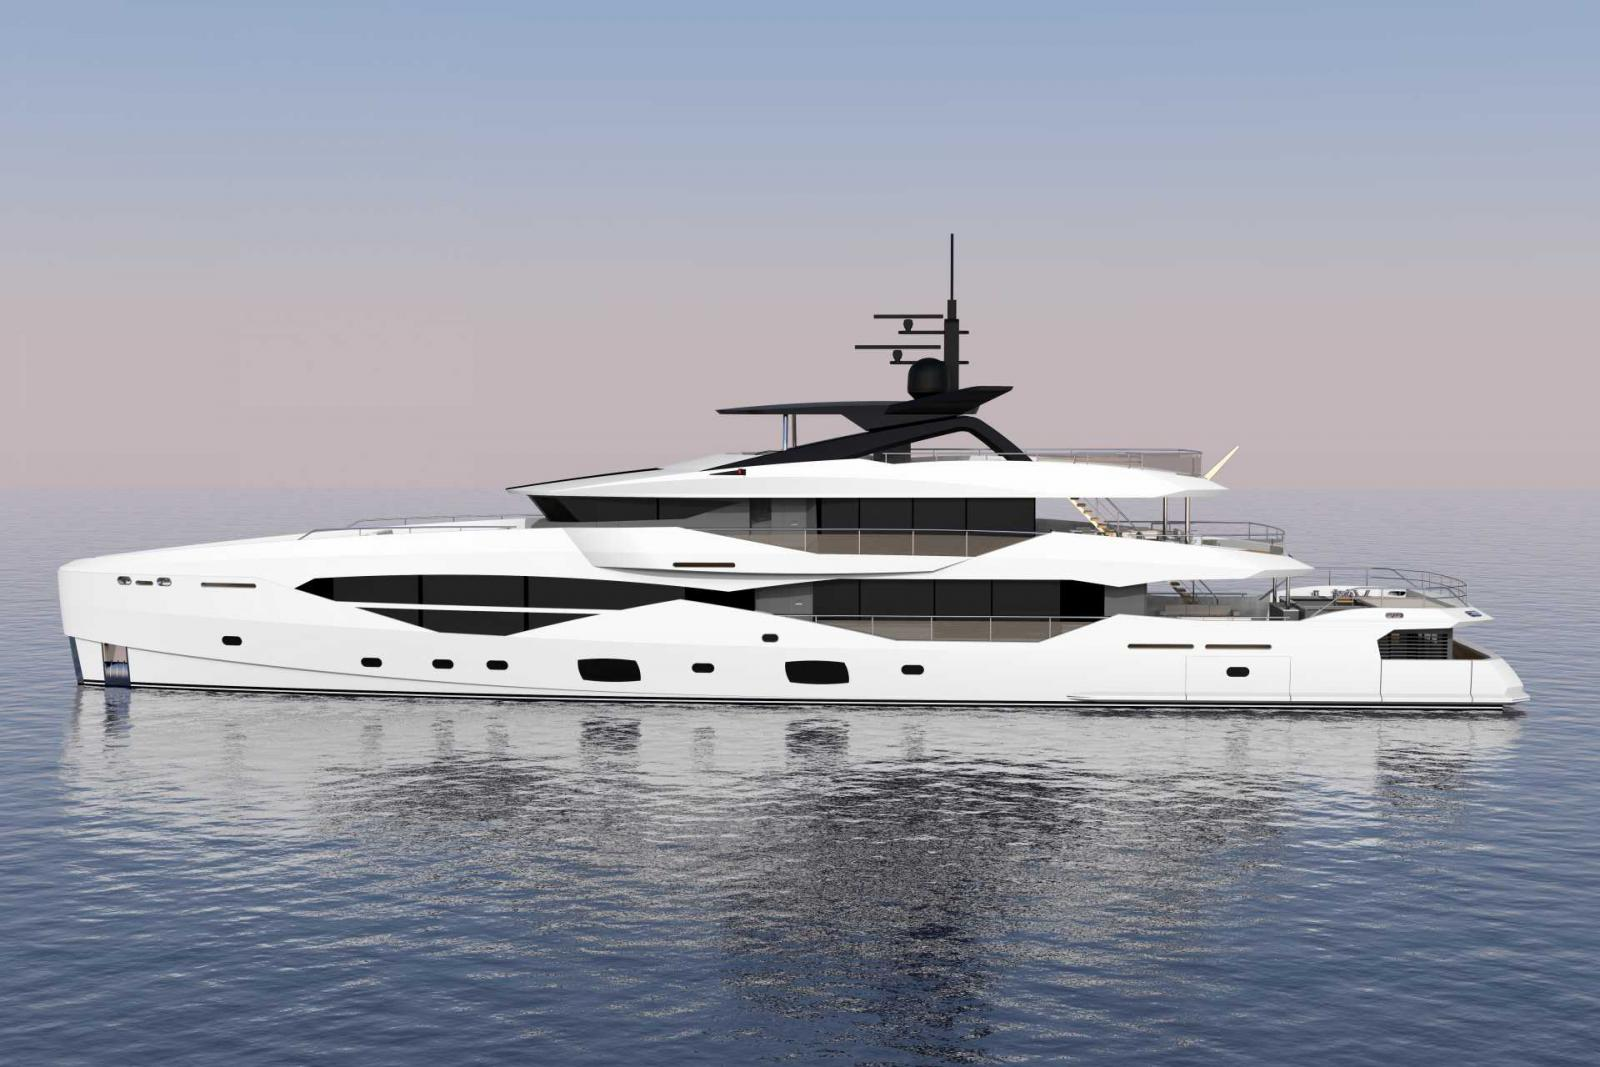 Phoenician Boat - Sunseeker Yacht 161 - Icon